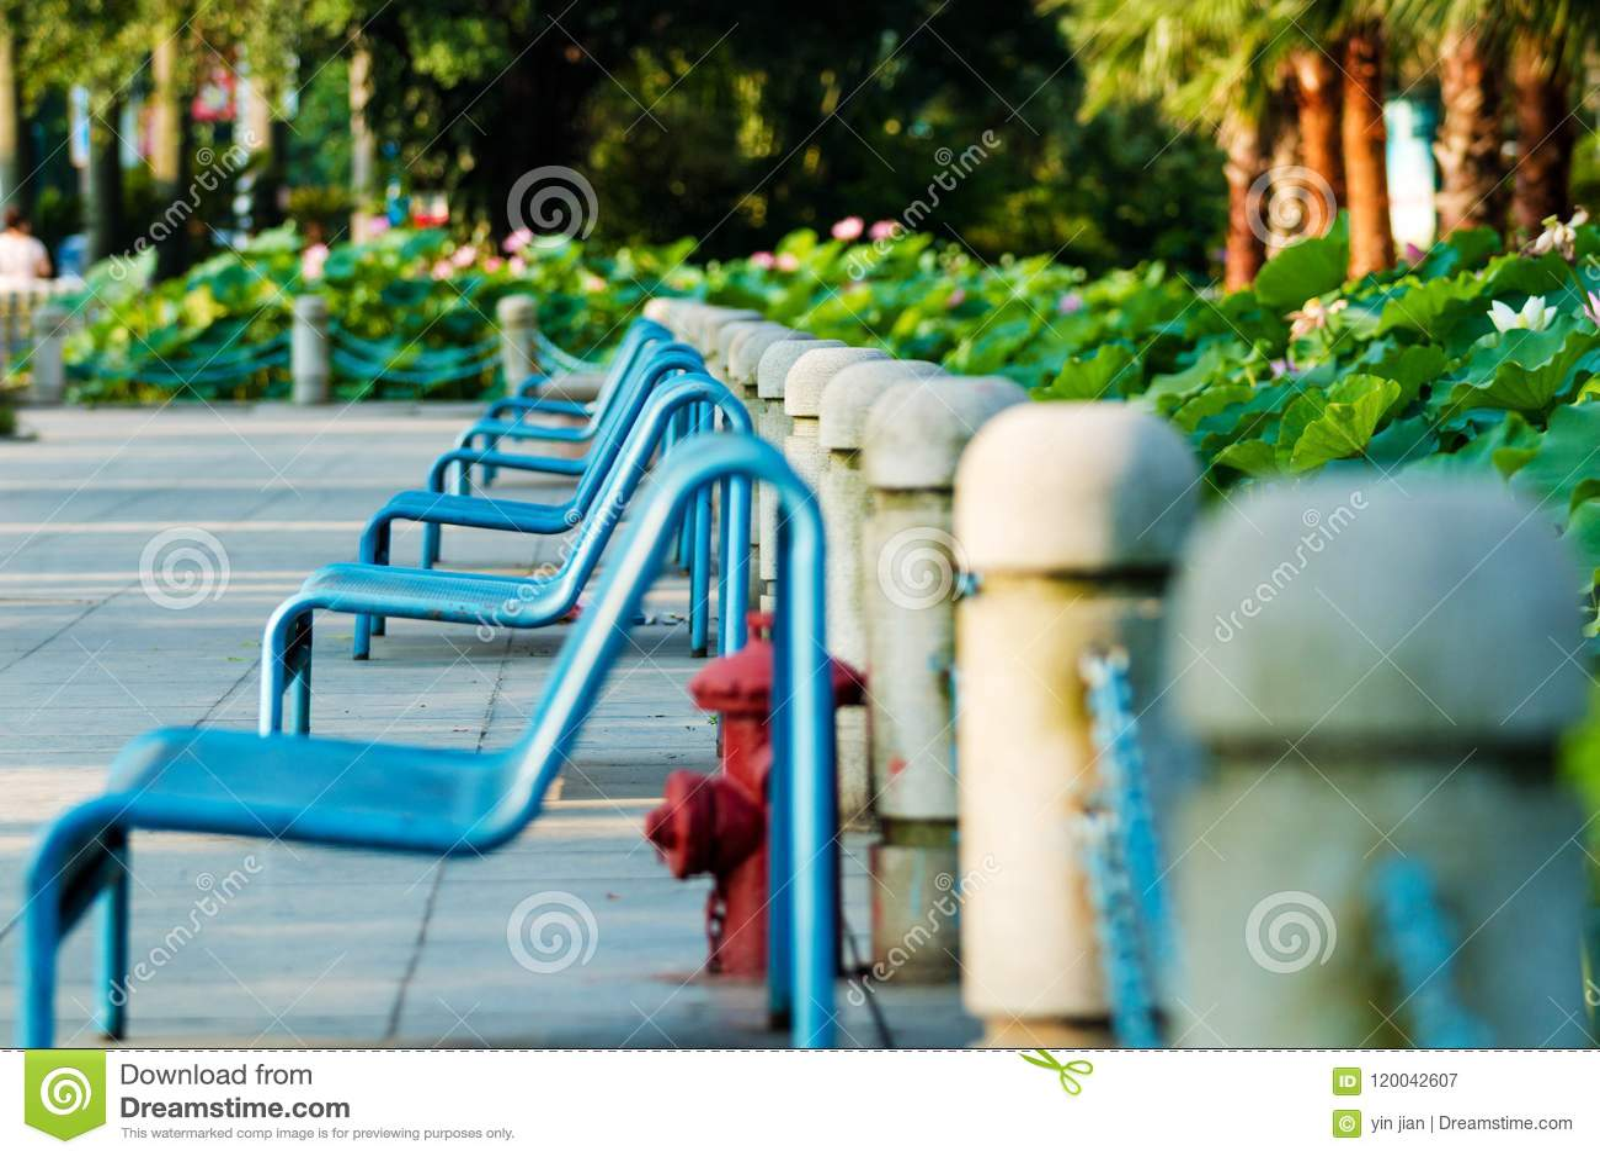 Un banc dans un parc communautaire